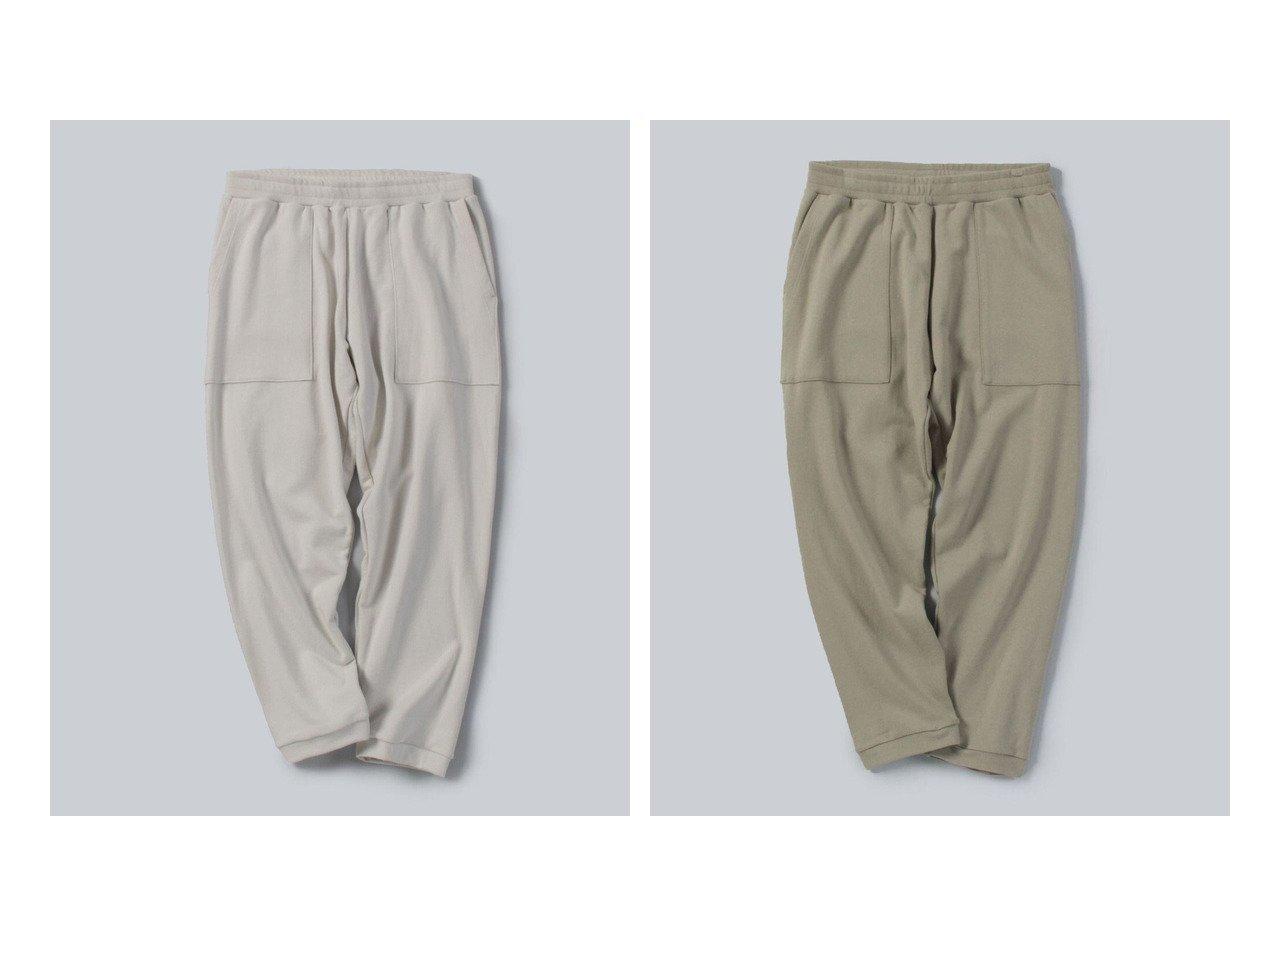 【WHITE MAILS/ホワイトメイルズ】のPAPER PILE URAKE EASY PANTS イージーパンツ 【パンツ】おすすめ!人気、トレンド・レディースファッションの通販 おすすめで人気の流行・トレンド、ファッションの通販商品 インテリア・家具・メンズファッション・キッズファッション・レディースファッション・服の通販 founy(ファニー) https://founy.com/ ファッション Fashion レディースファッション WOMEN パンツ Pants スウェット ベーシック 送料無料 Free Shipping |ID:crp329100000070664